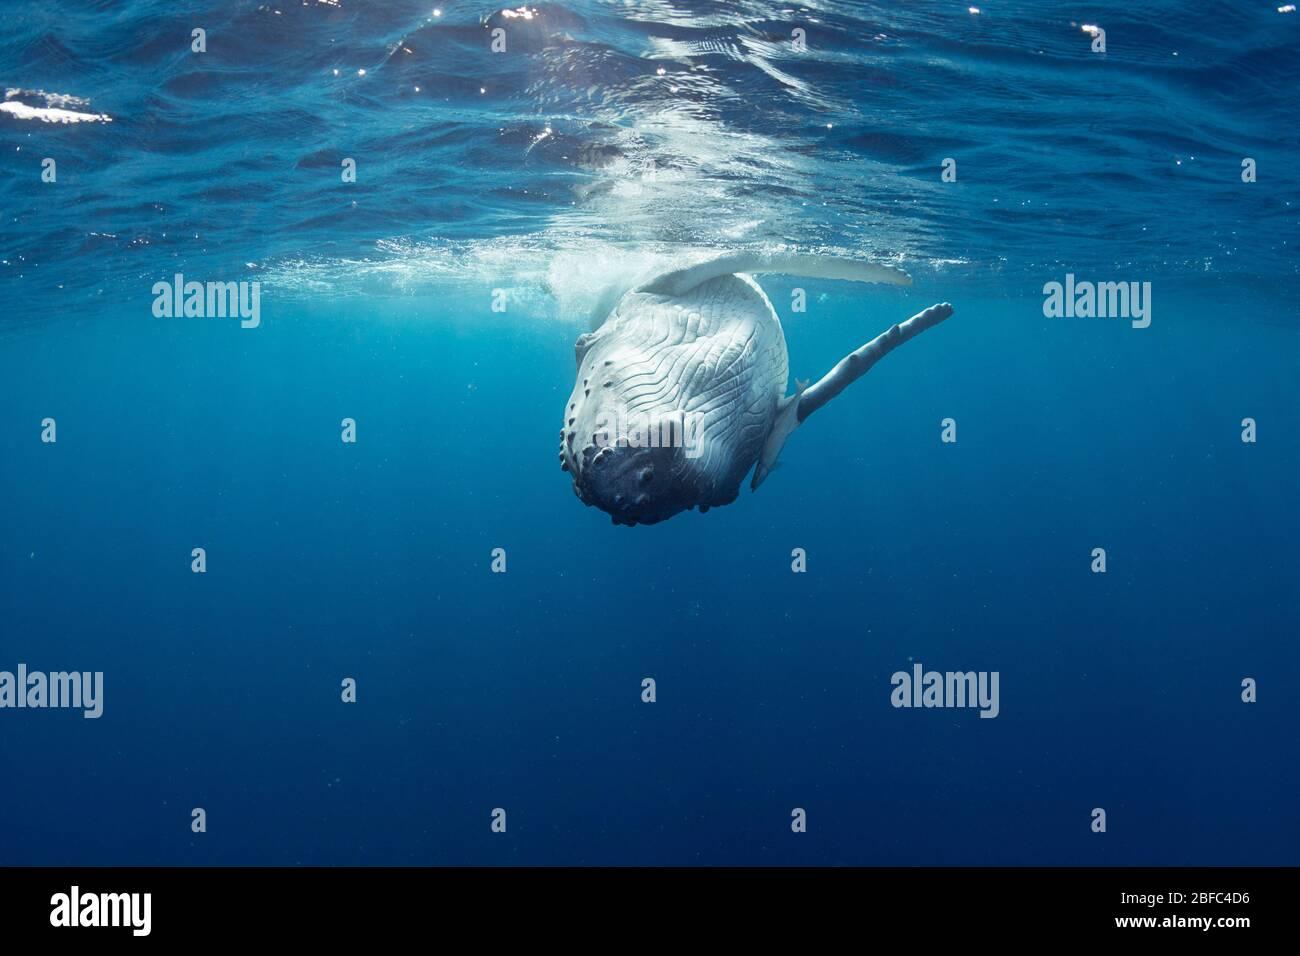 Juguetón becerro de ballena jorobada, Megaptera novaeangliae, rodando en la superficie, con peces remora comensales frente a la aleta pectoral derecha, Vava'u, Tonga Foto de stock